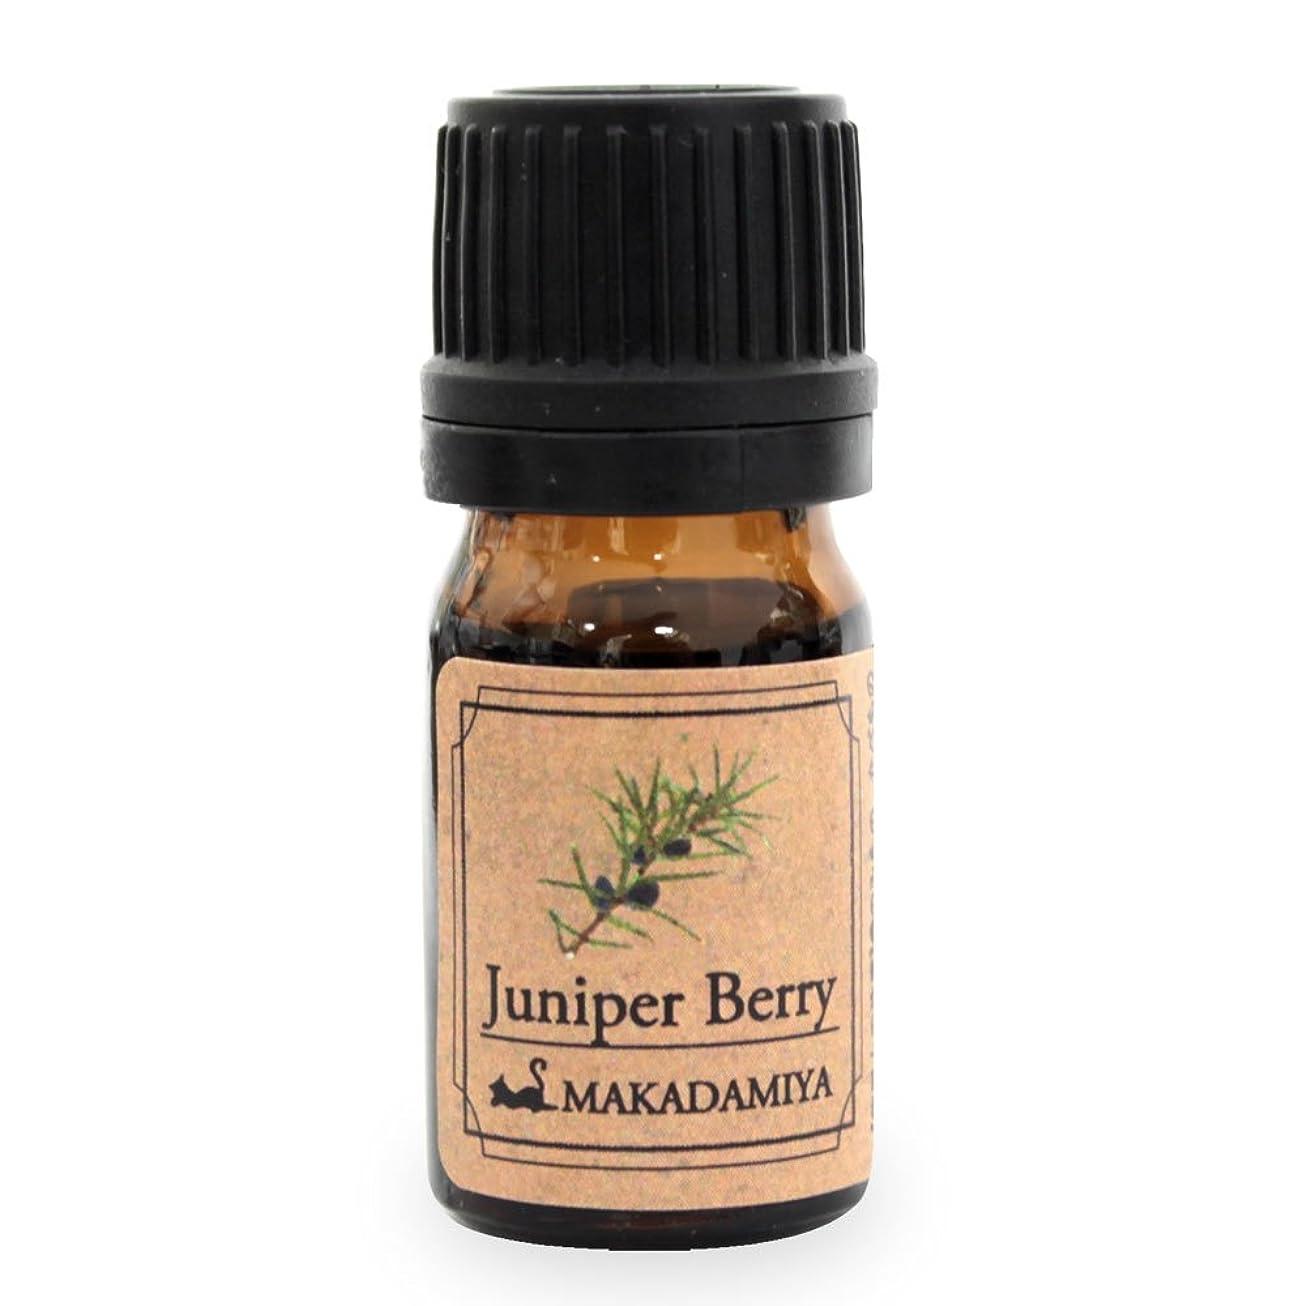 相談するブリーフケース筋肉のジュニパーベリー5ml 天然100%植物性 エッセンシャルオイル(精油) アロマオイル アロママッサージ aroma Junipe Berry